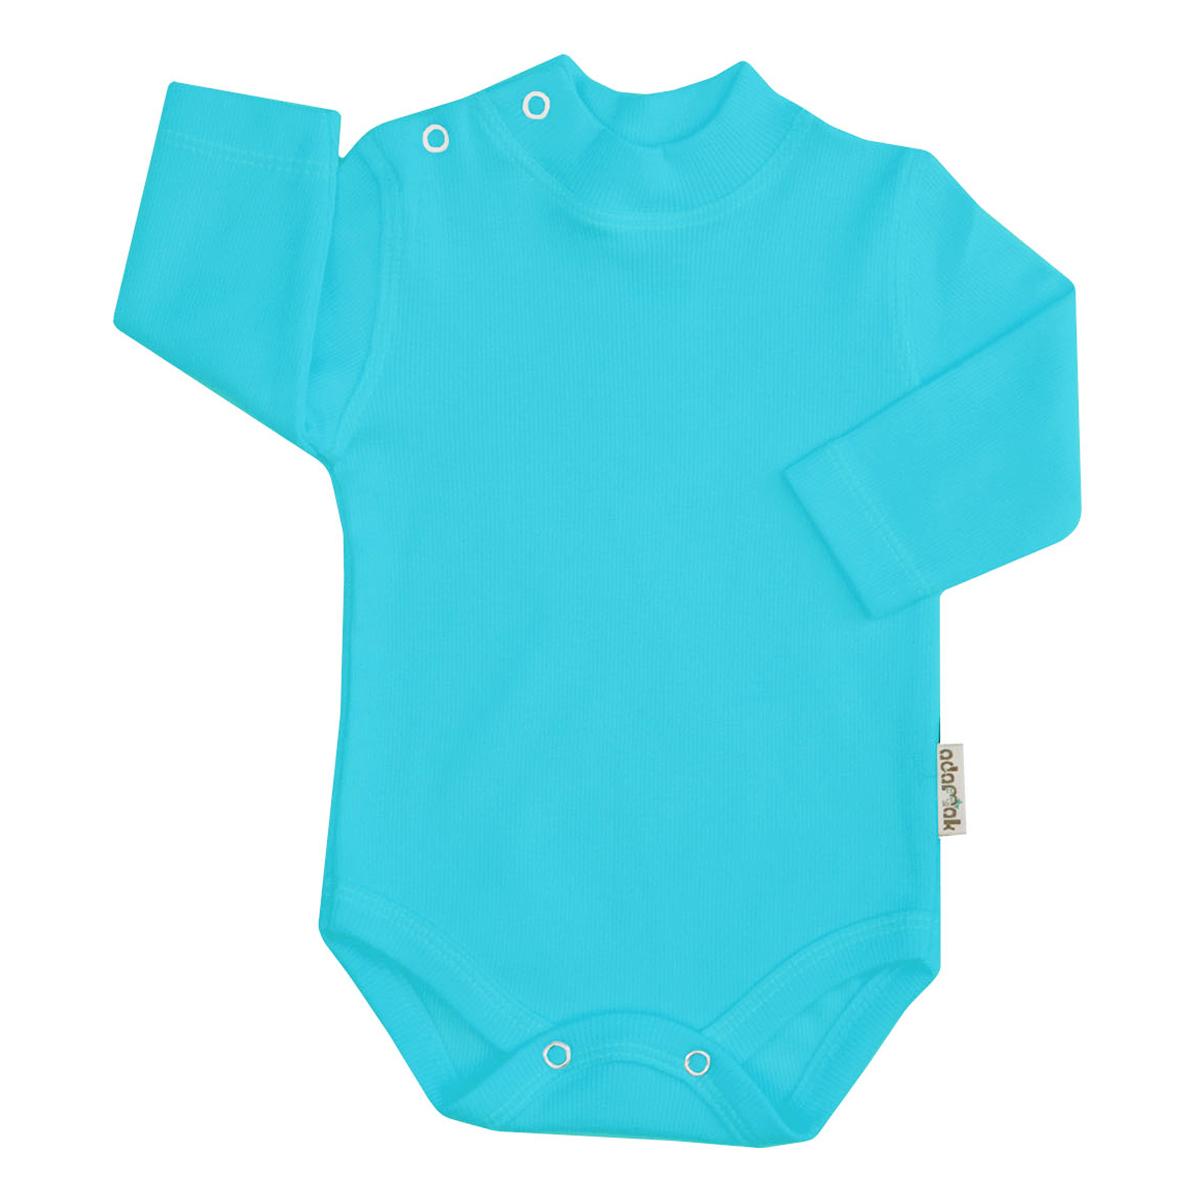 بادی آستین بلند نوزاد آدمک کد 176300 رنگ فیروزه ای